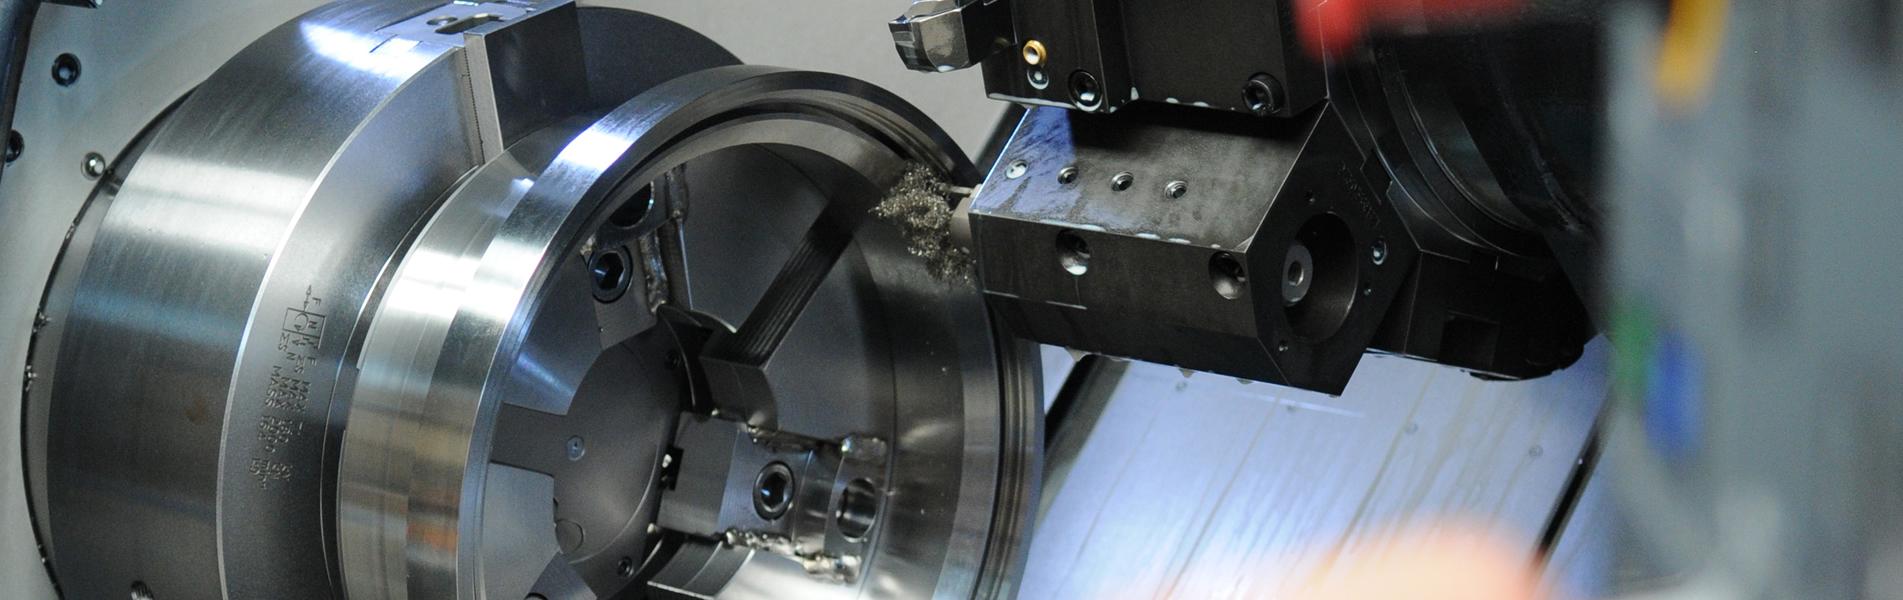 Aiki mekanizatuak - Ereduetan edo planoetan oinarritutako piezen mekanizazioa